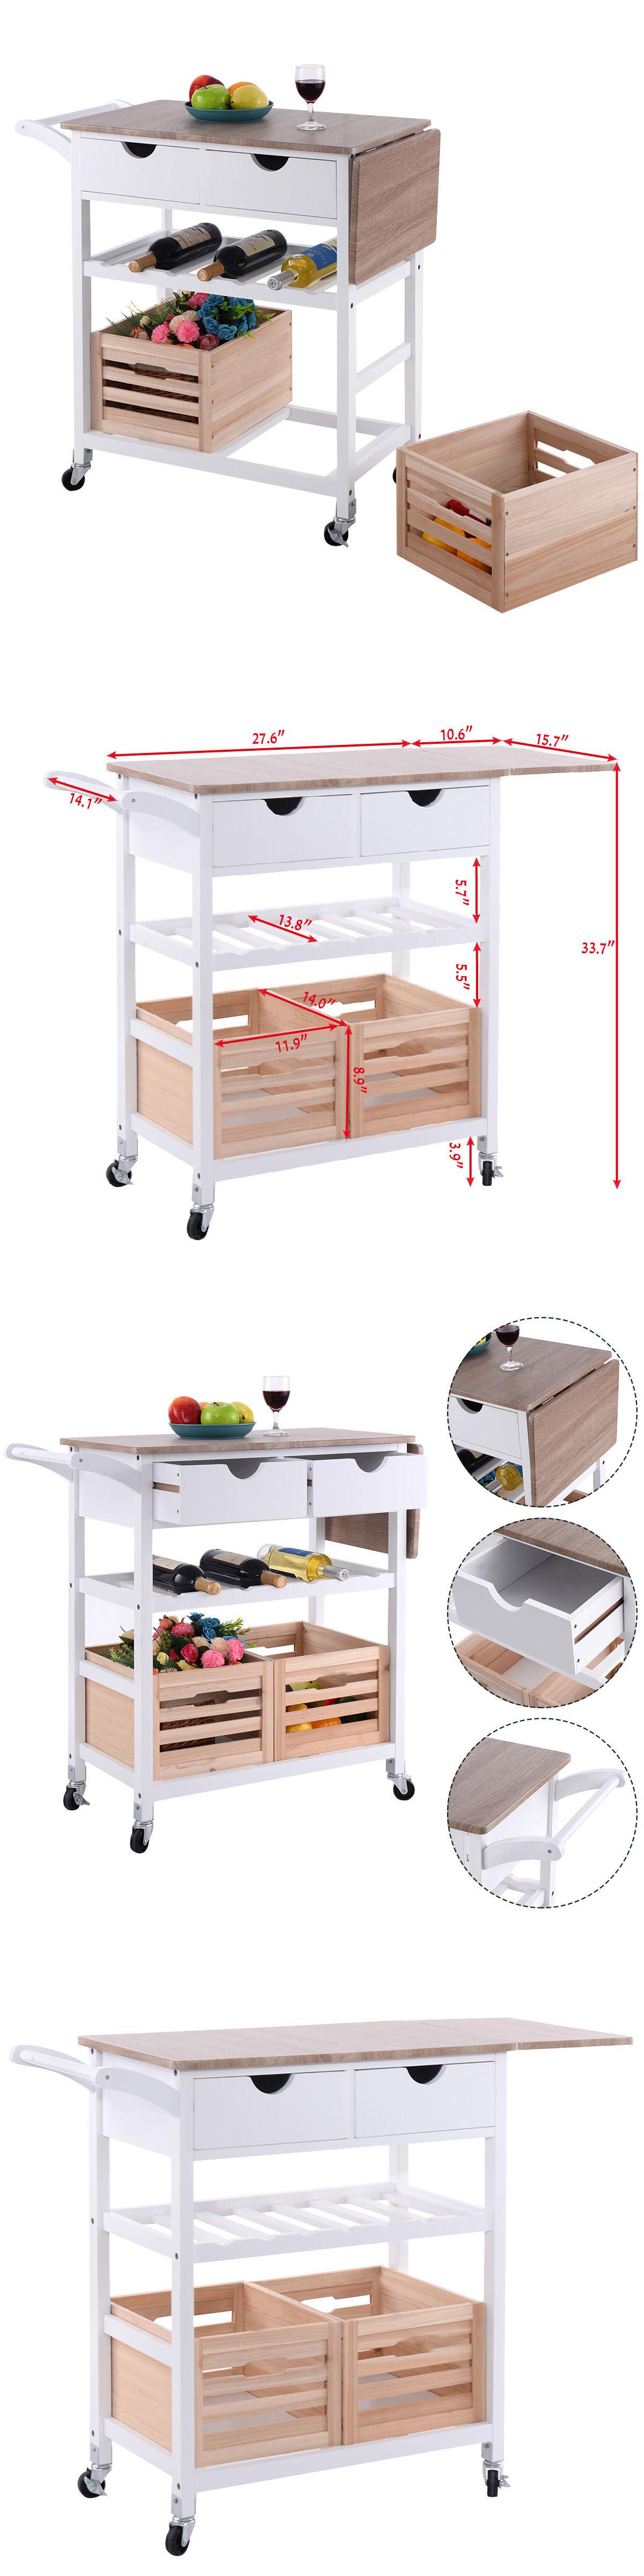 Kitchen Islands Kitchen Carts Rolling Kitchen Trolley Island